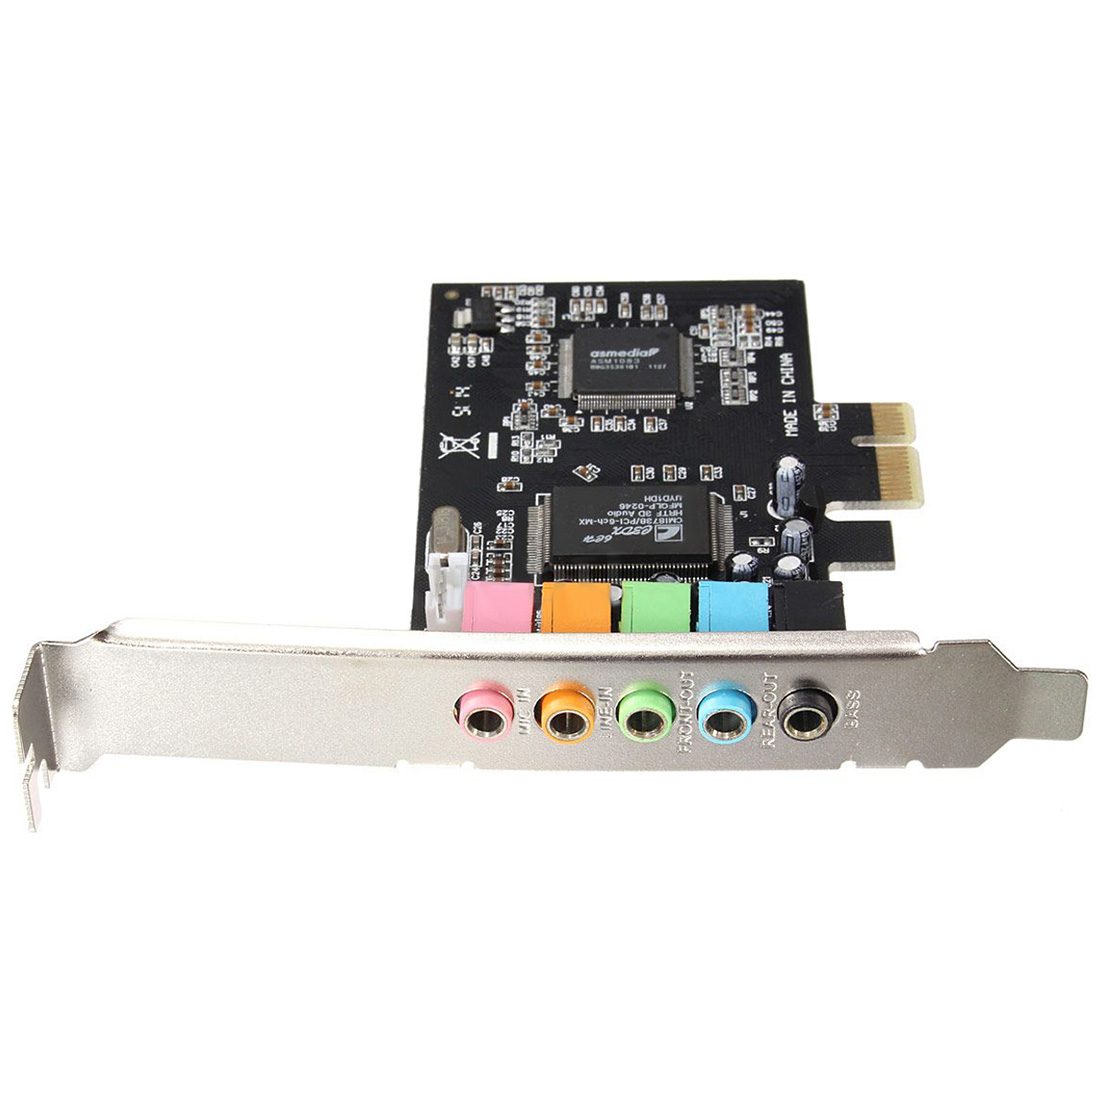 PCI-E 5.1 Suono 6 porte scheda audio CMI8738 cinema stereo Surround Sound Card